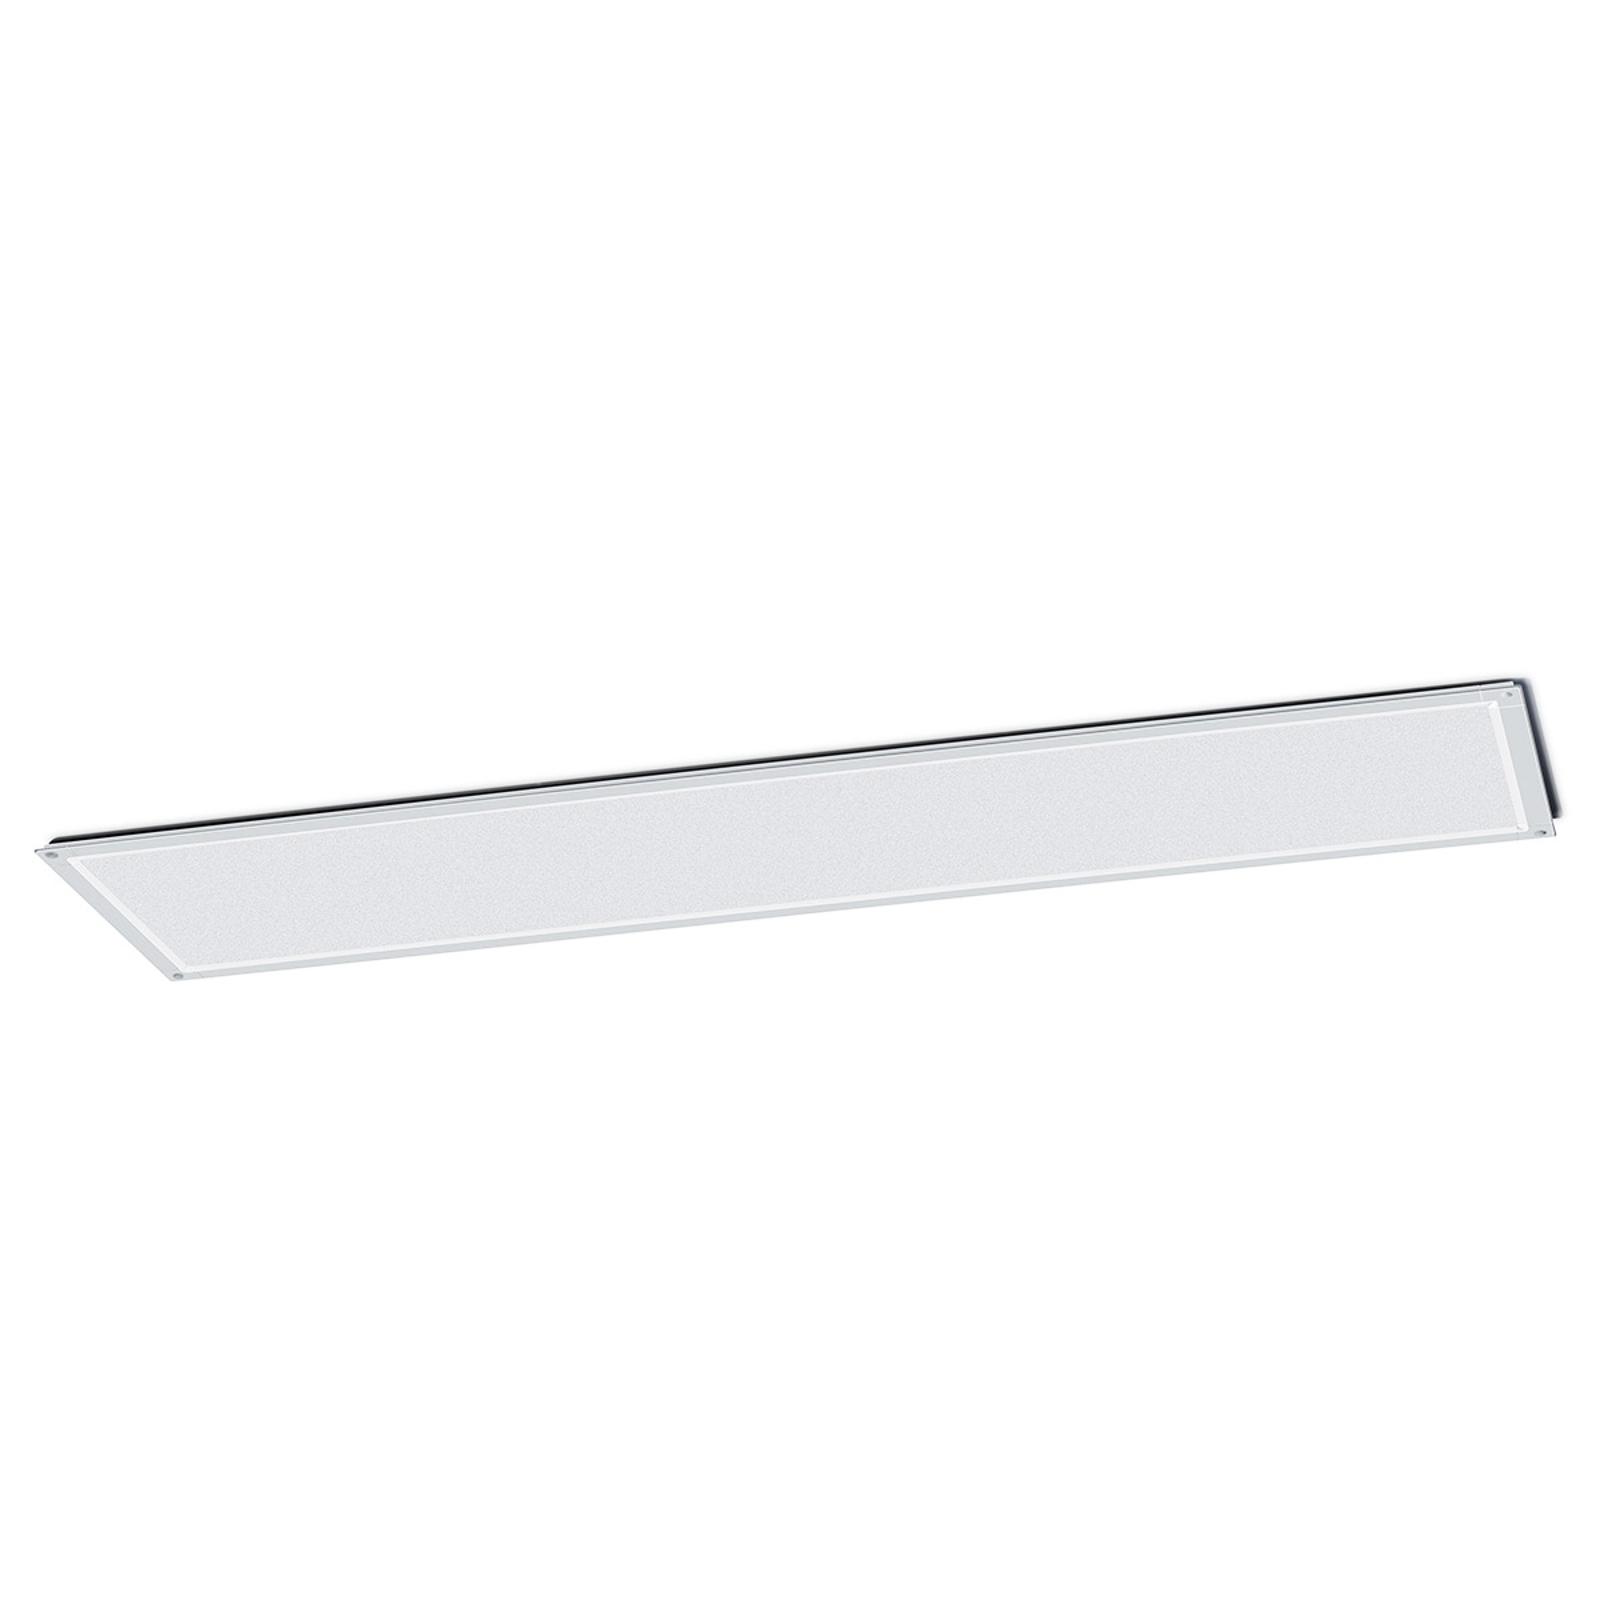 Warmweißes LED-Panel EC 124730, 3620 Lumen